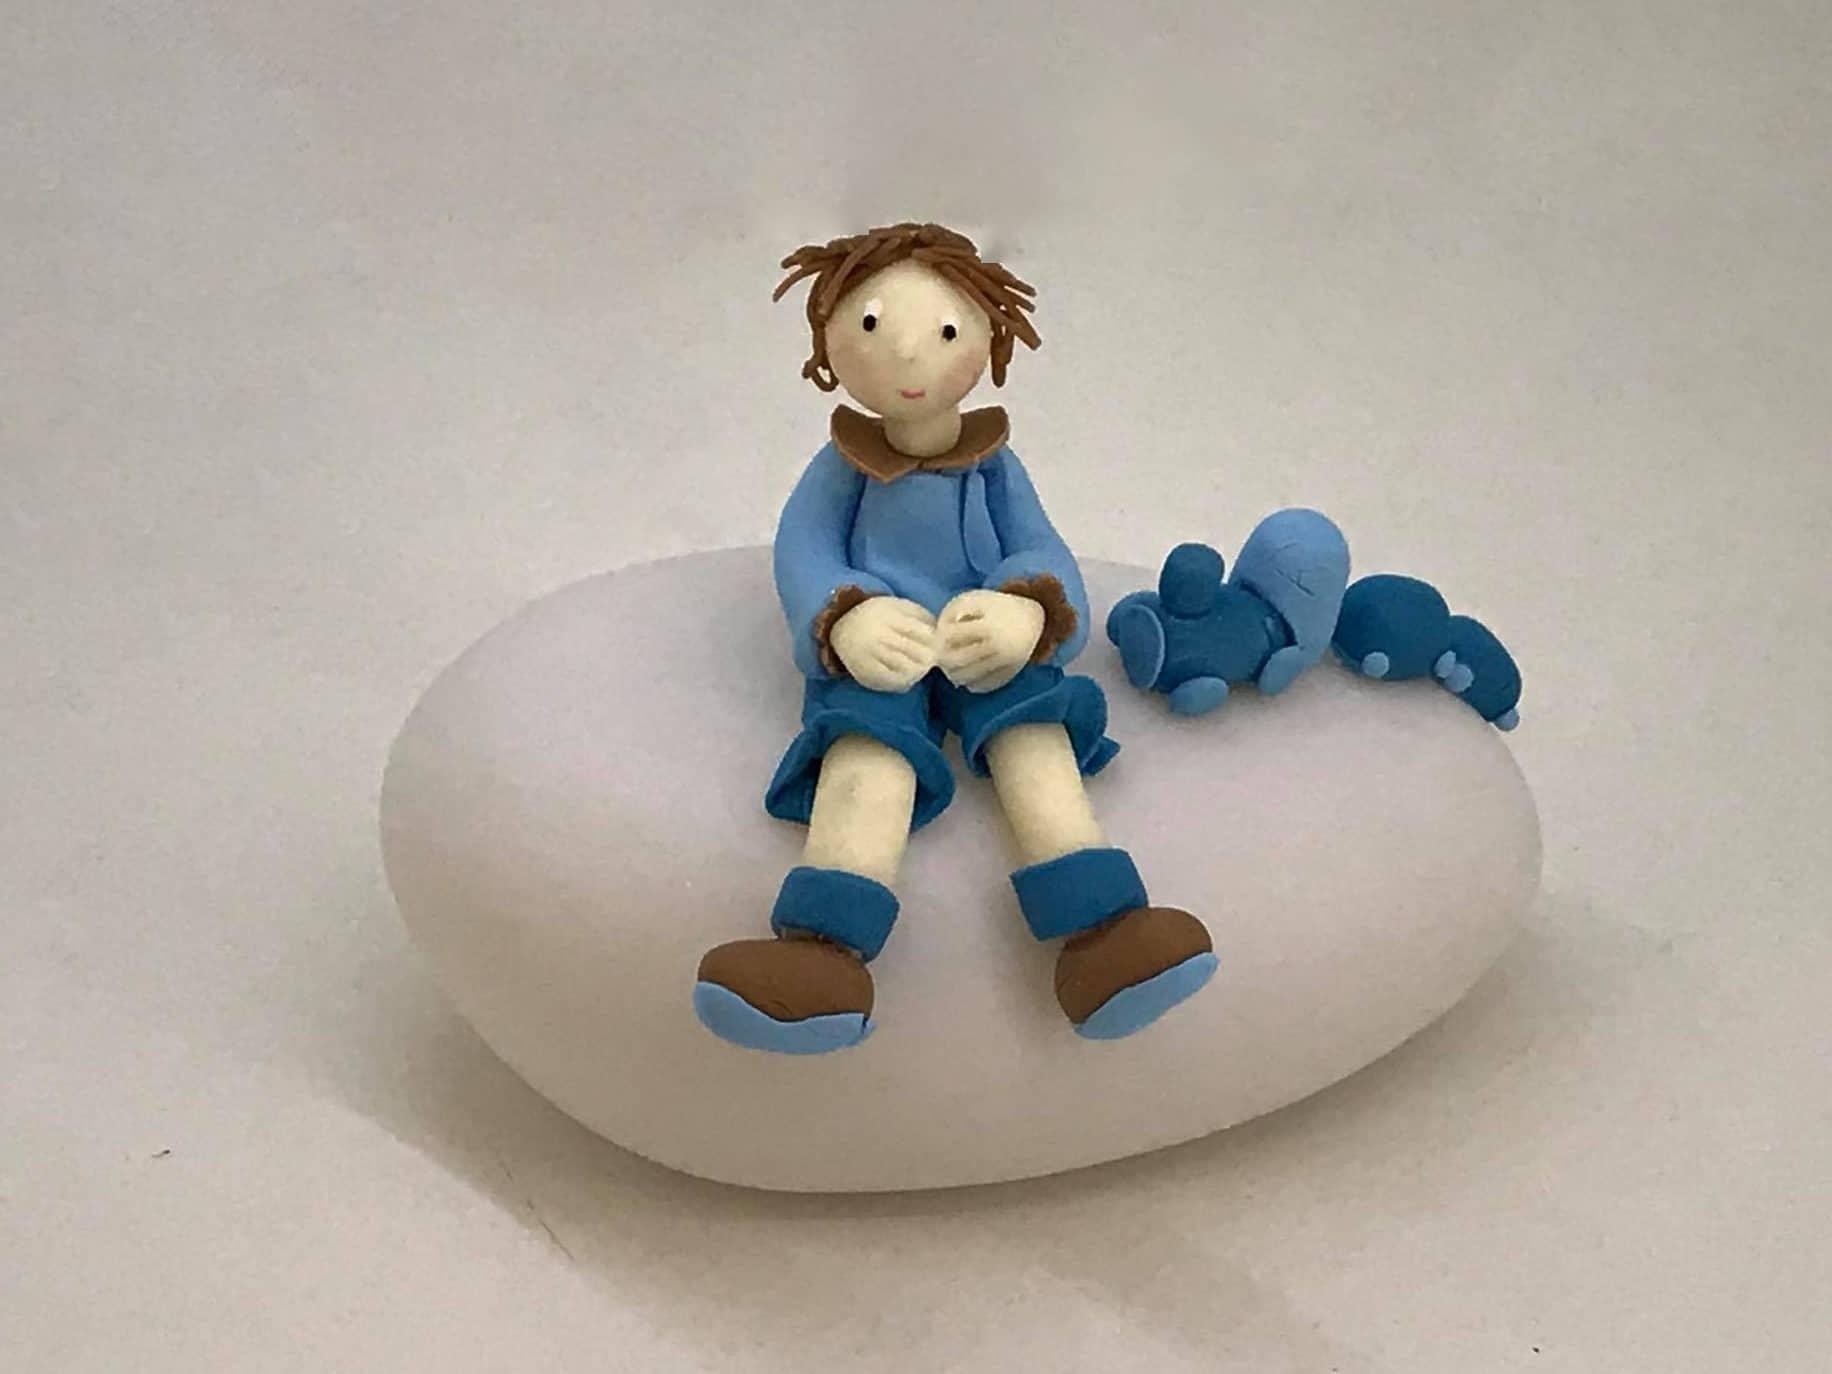 Figurine petit garçon en bleu, sur une boule lumineuse